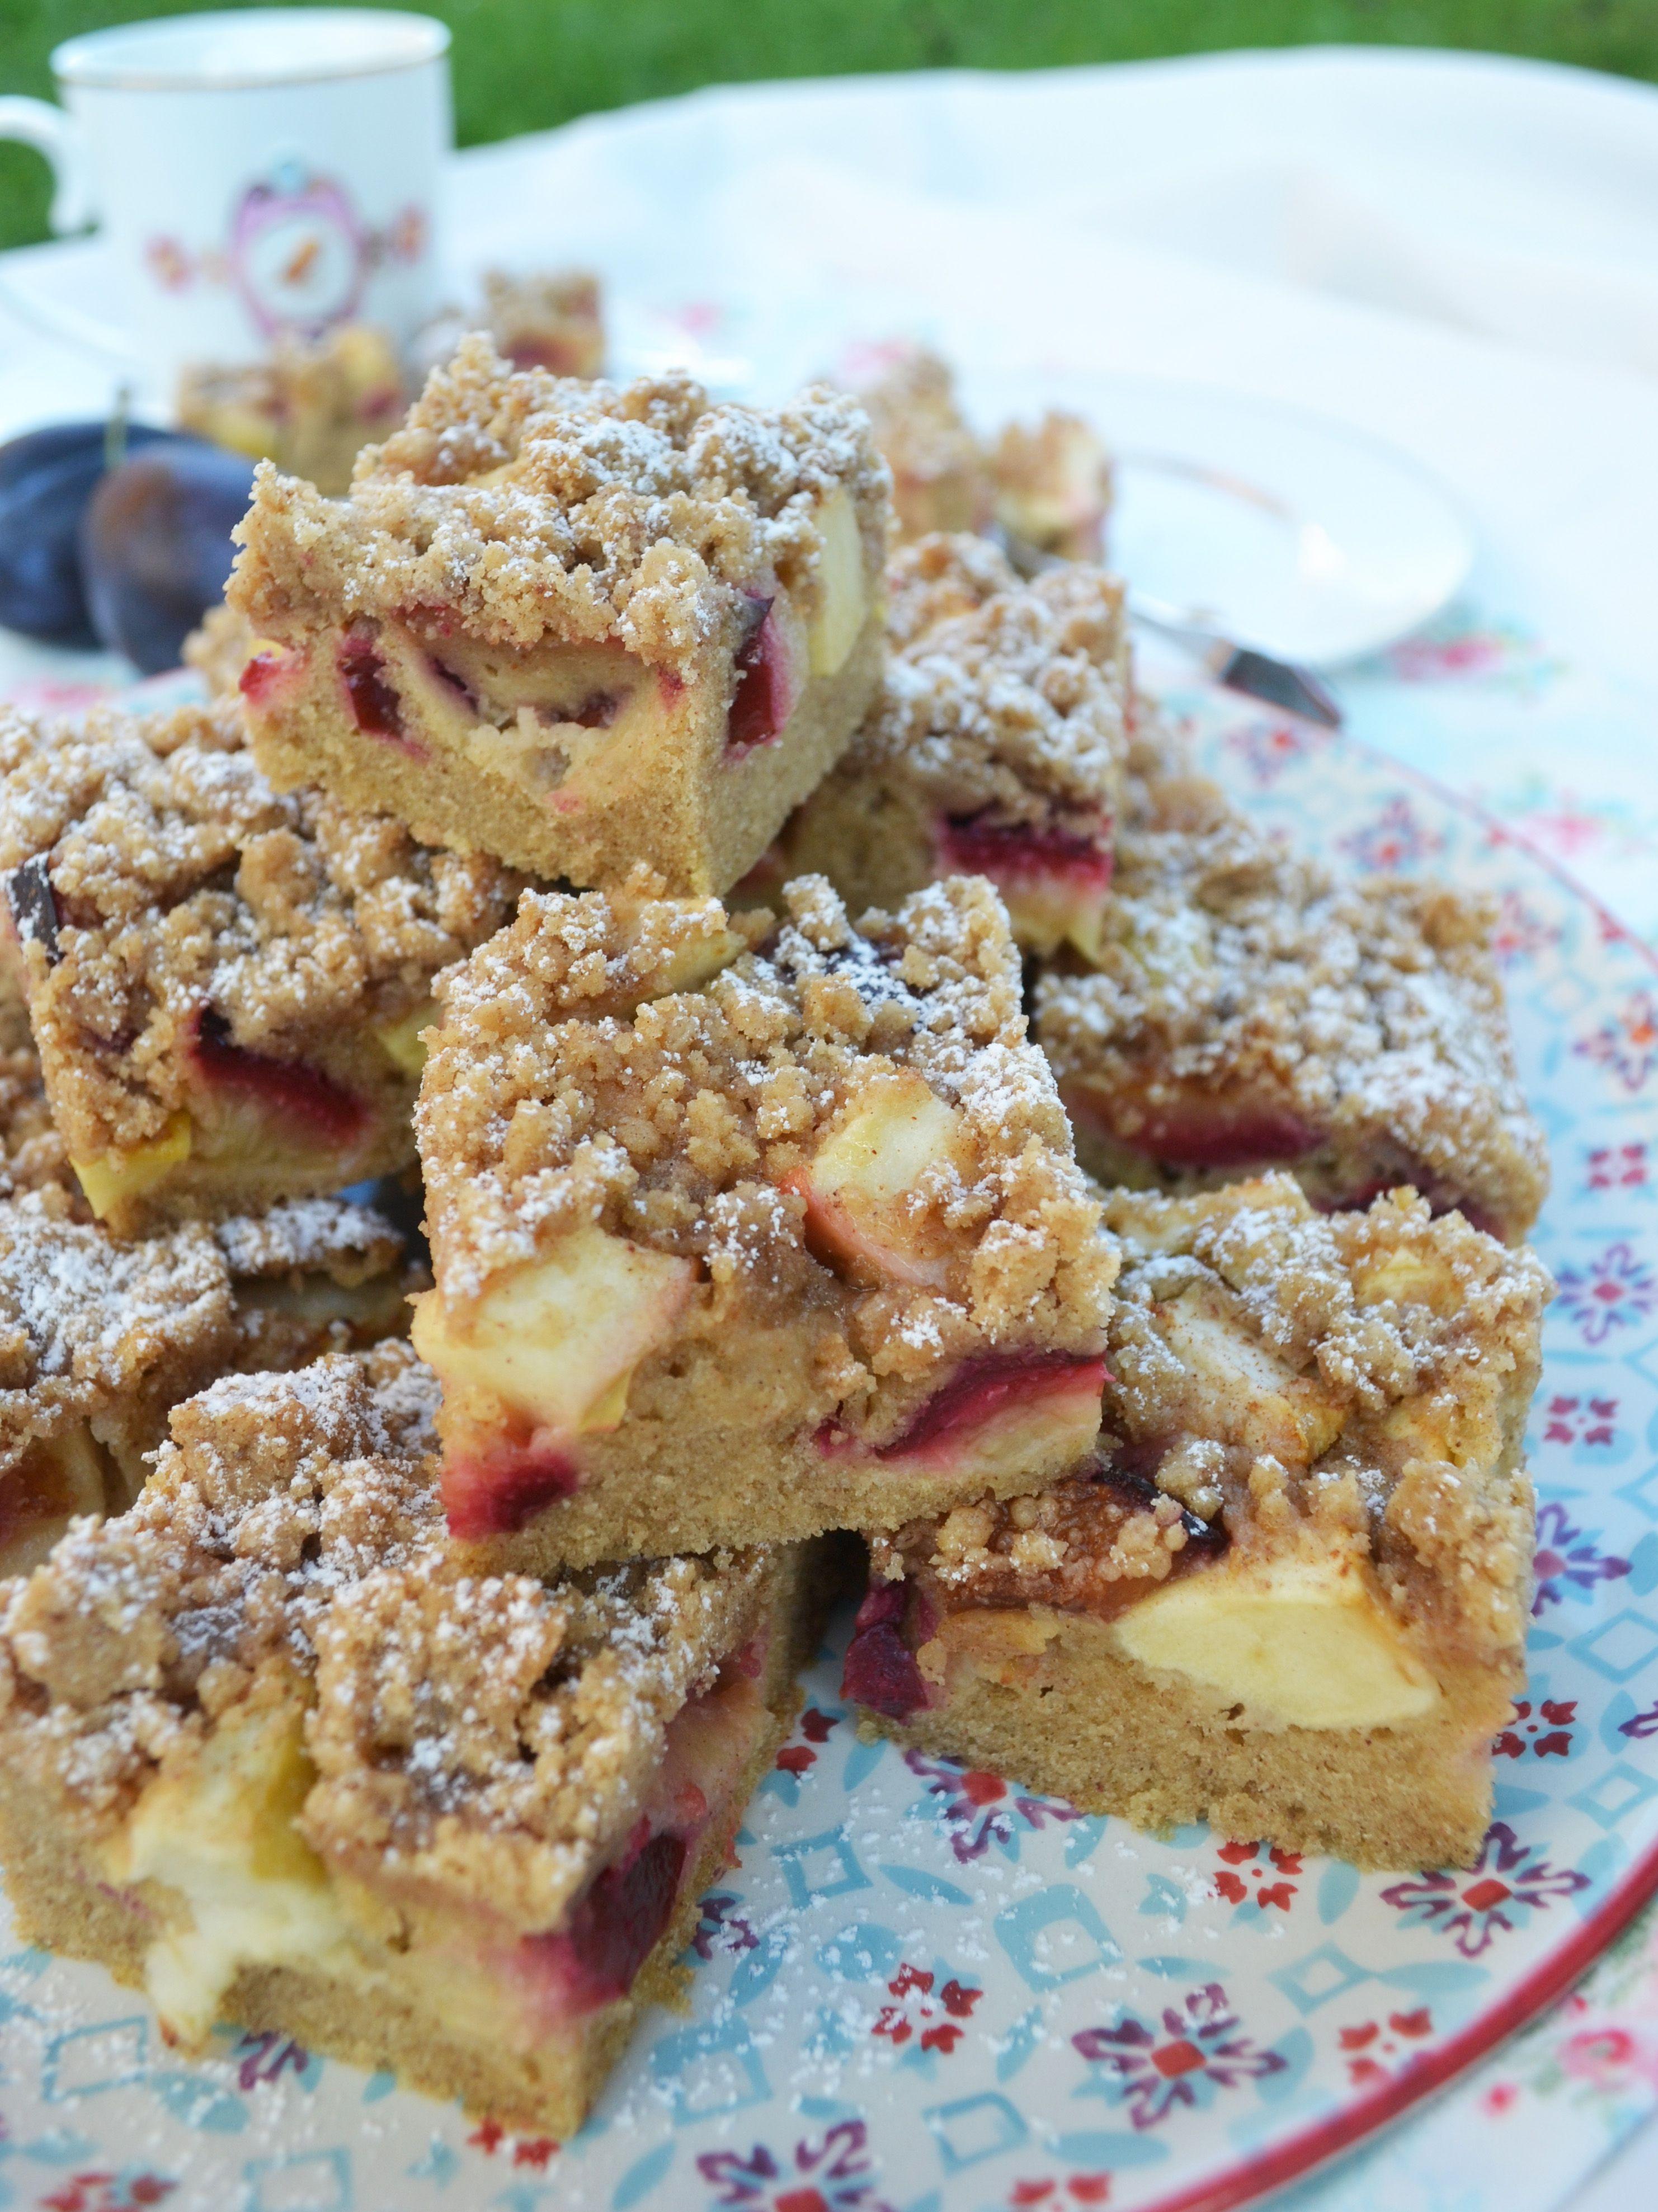 Herbstliches Kuchenglück! Zwetschken-Apfel-Kuchen mit Zimtstreusel #sweetrecipes